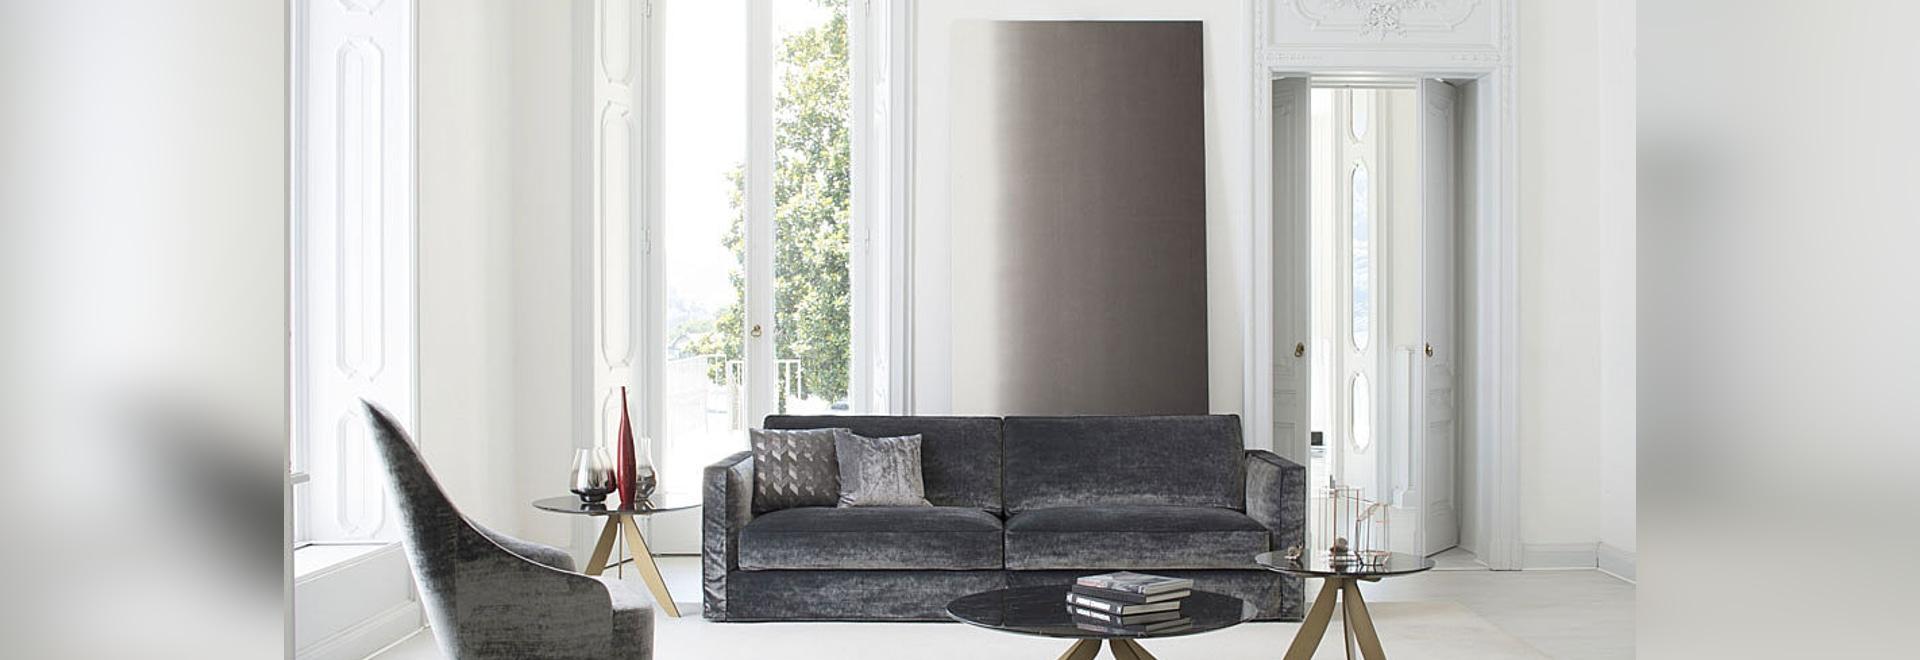 Novità: divano moderno Danton by Berto Salotti - BERTO SALOTTI